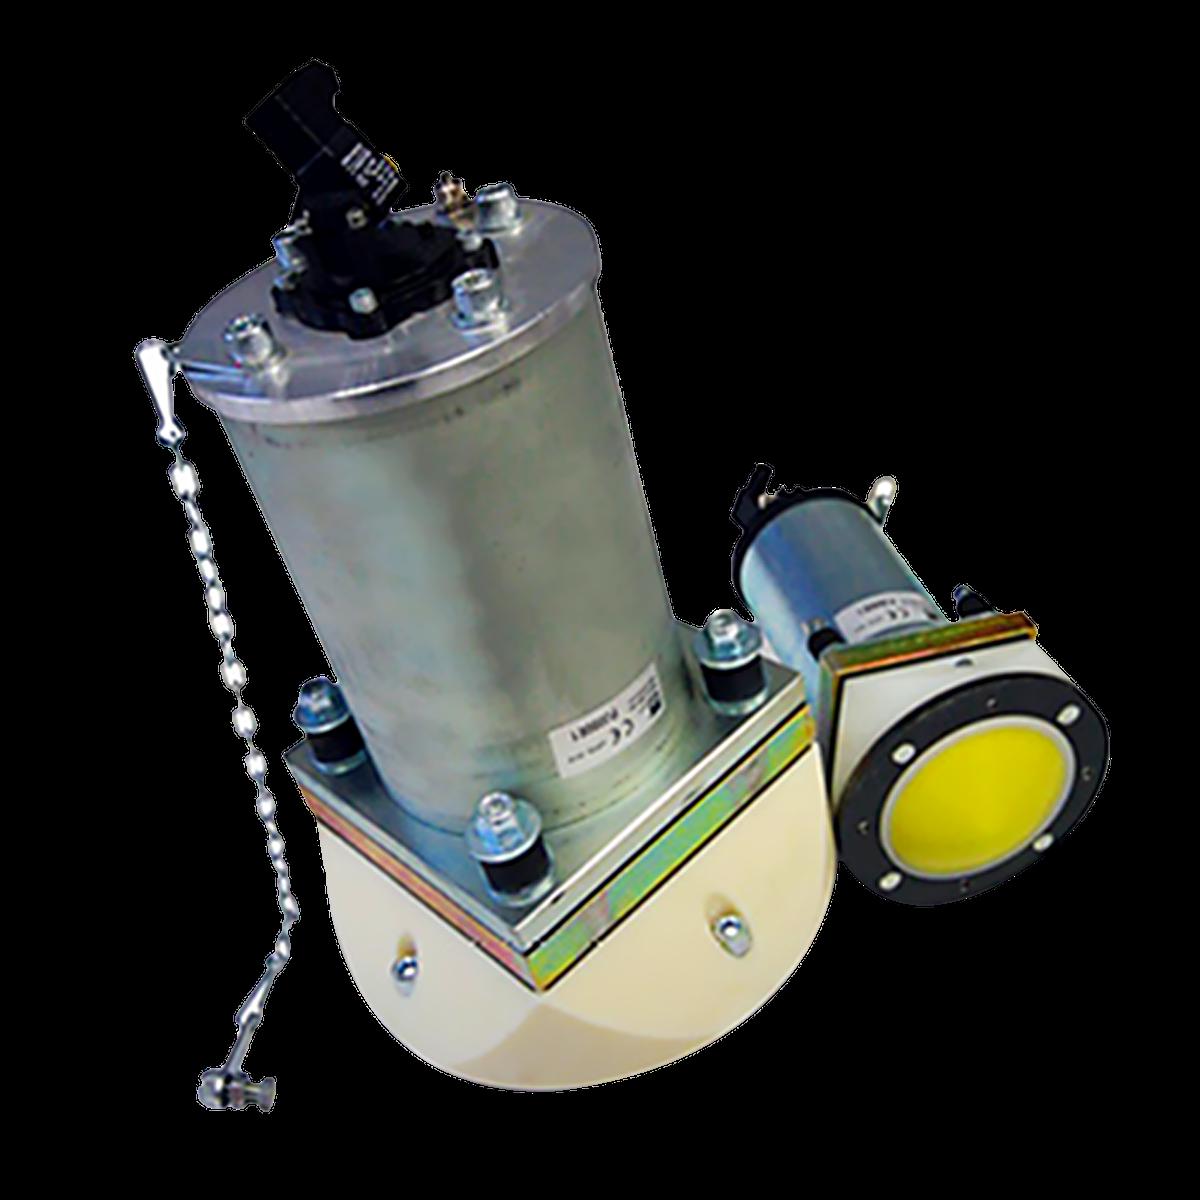 Kombinationshammare PJ slår, vibrerar och blåser in luft i din silo eller behållare